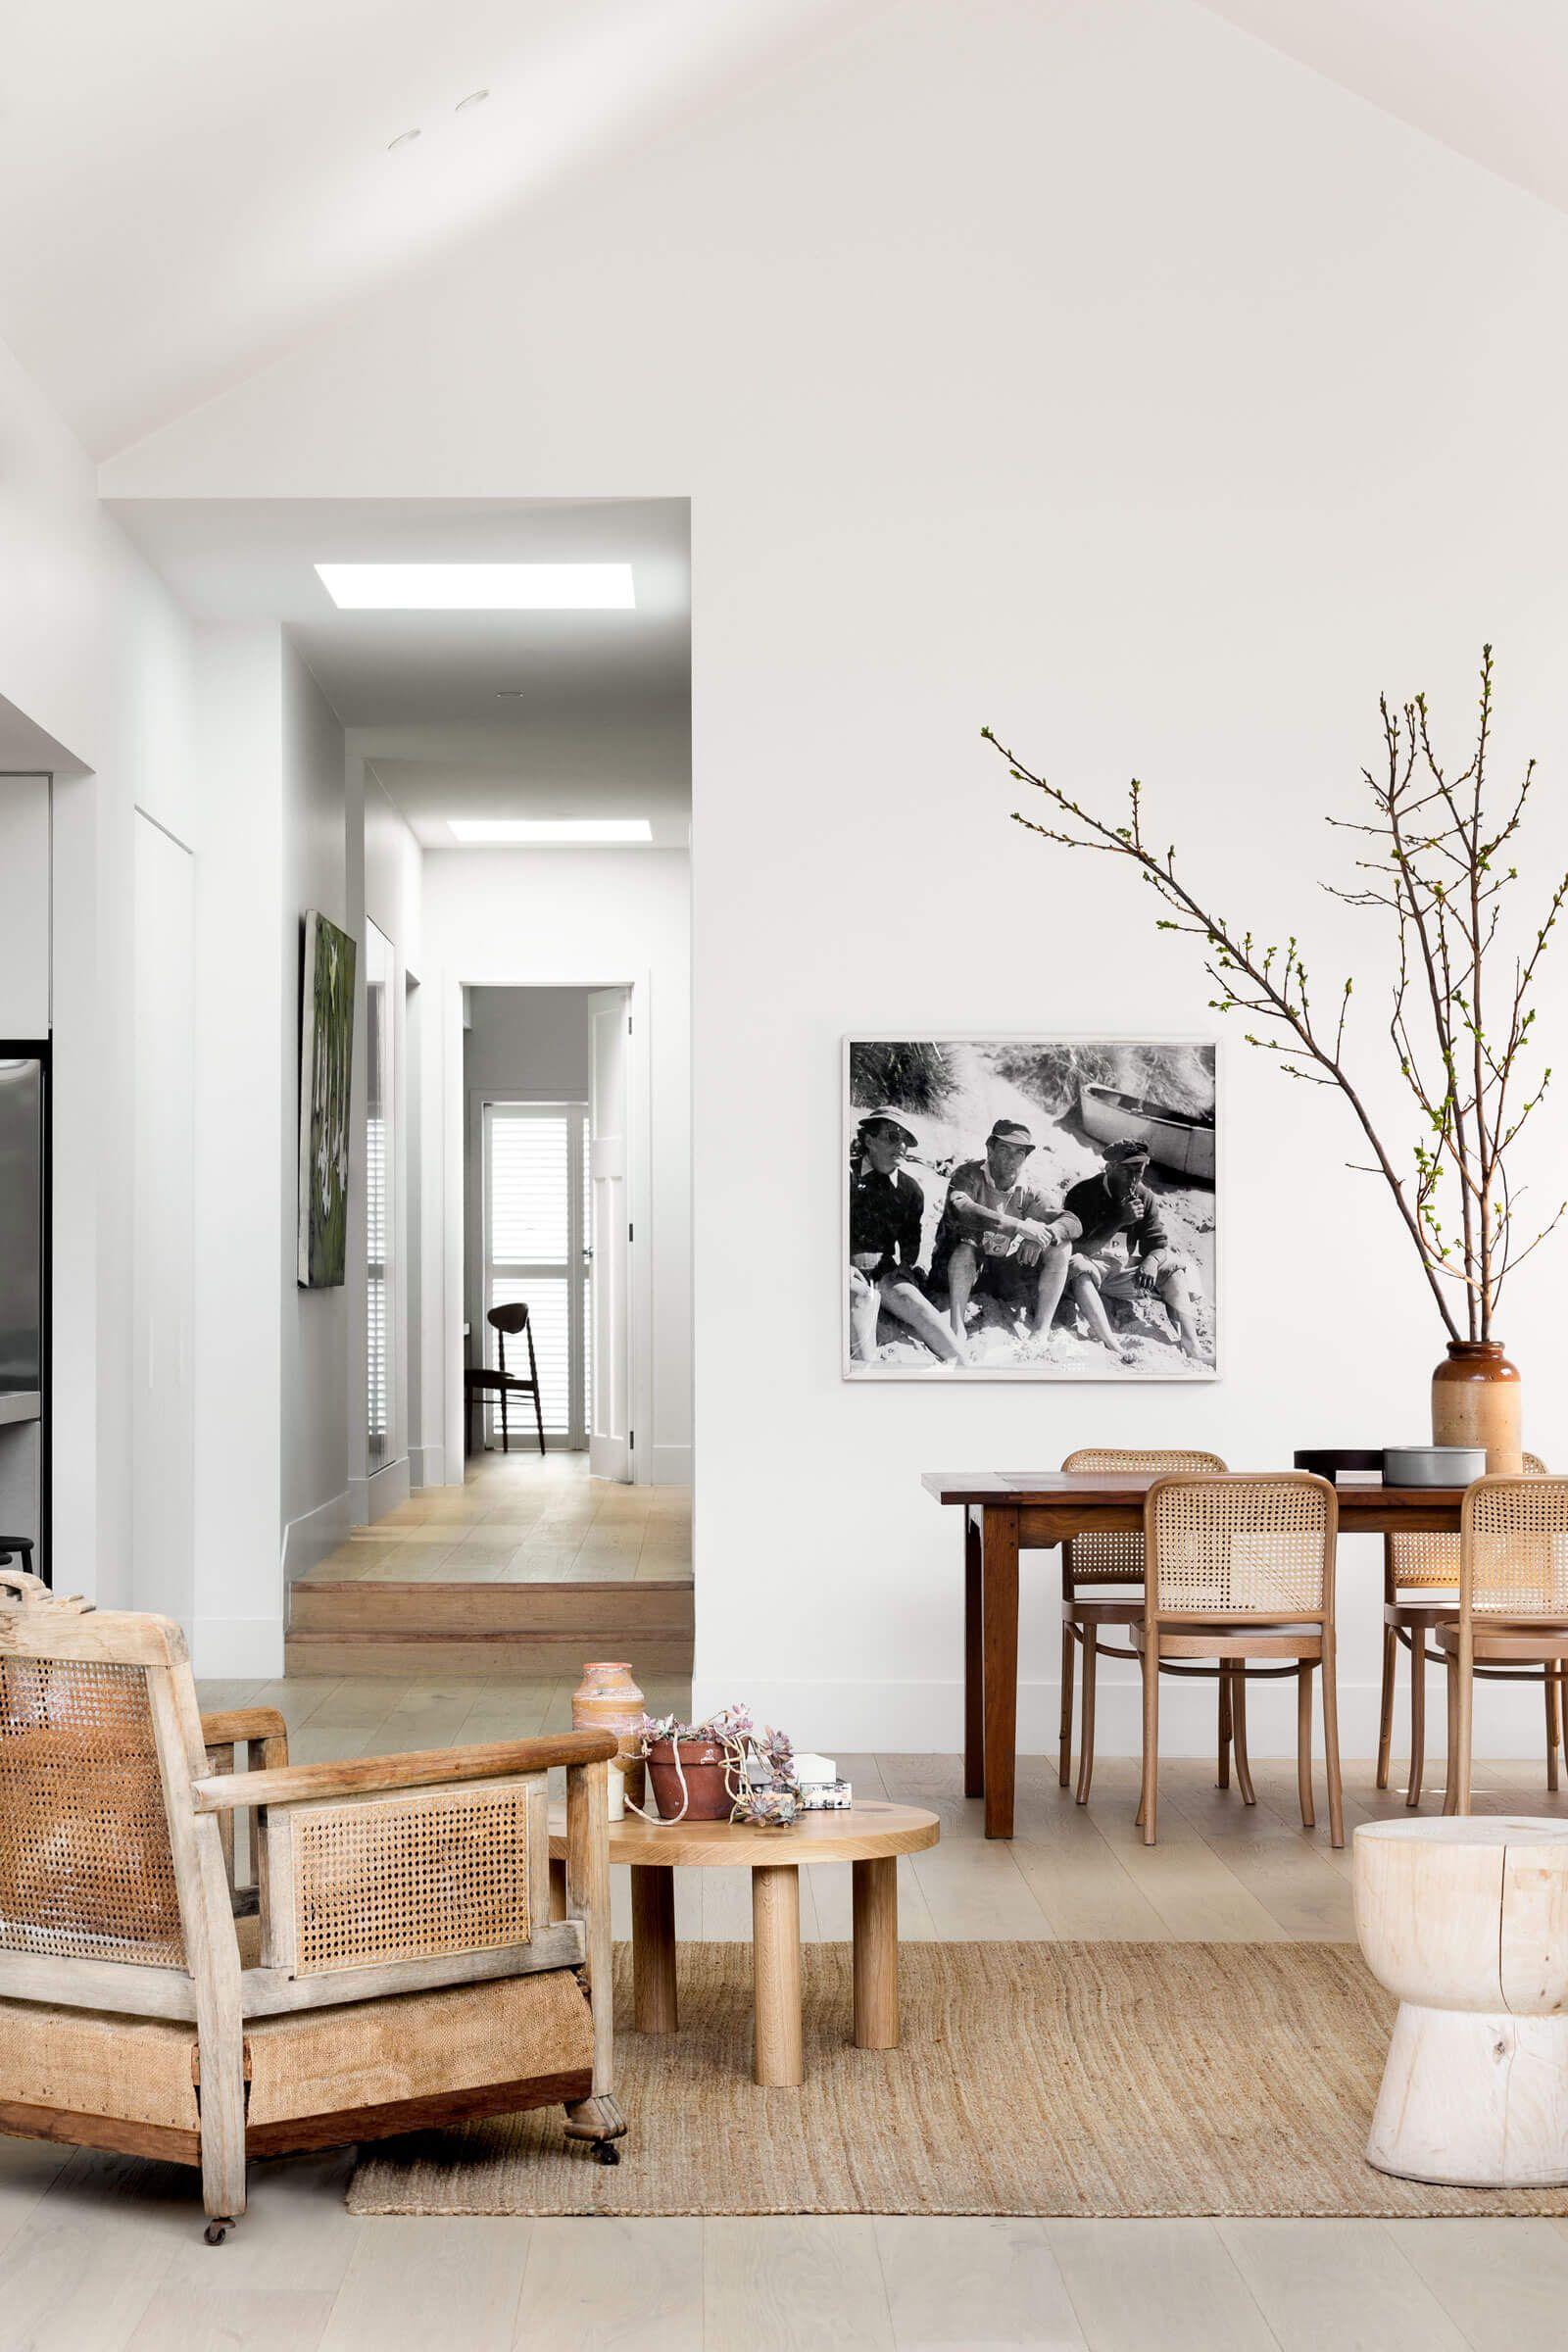 Design minimaliste pour une maison d'architecte en bois et blanc - PLANETE DECO a homes world